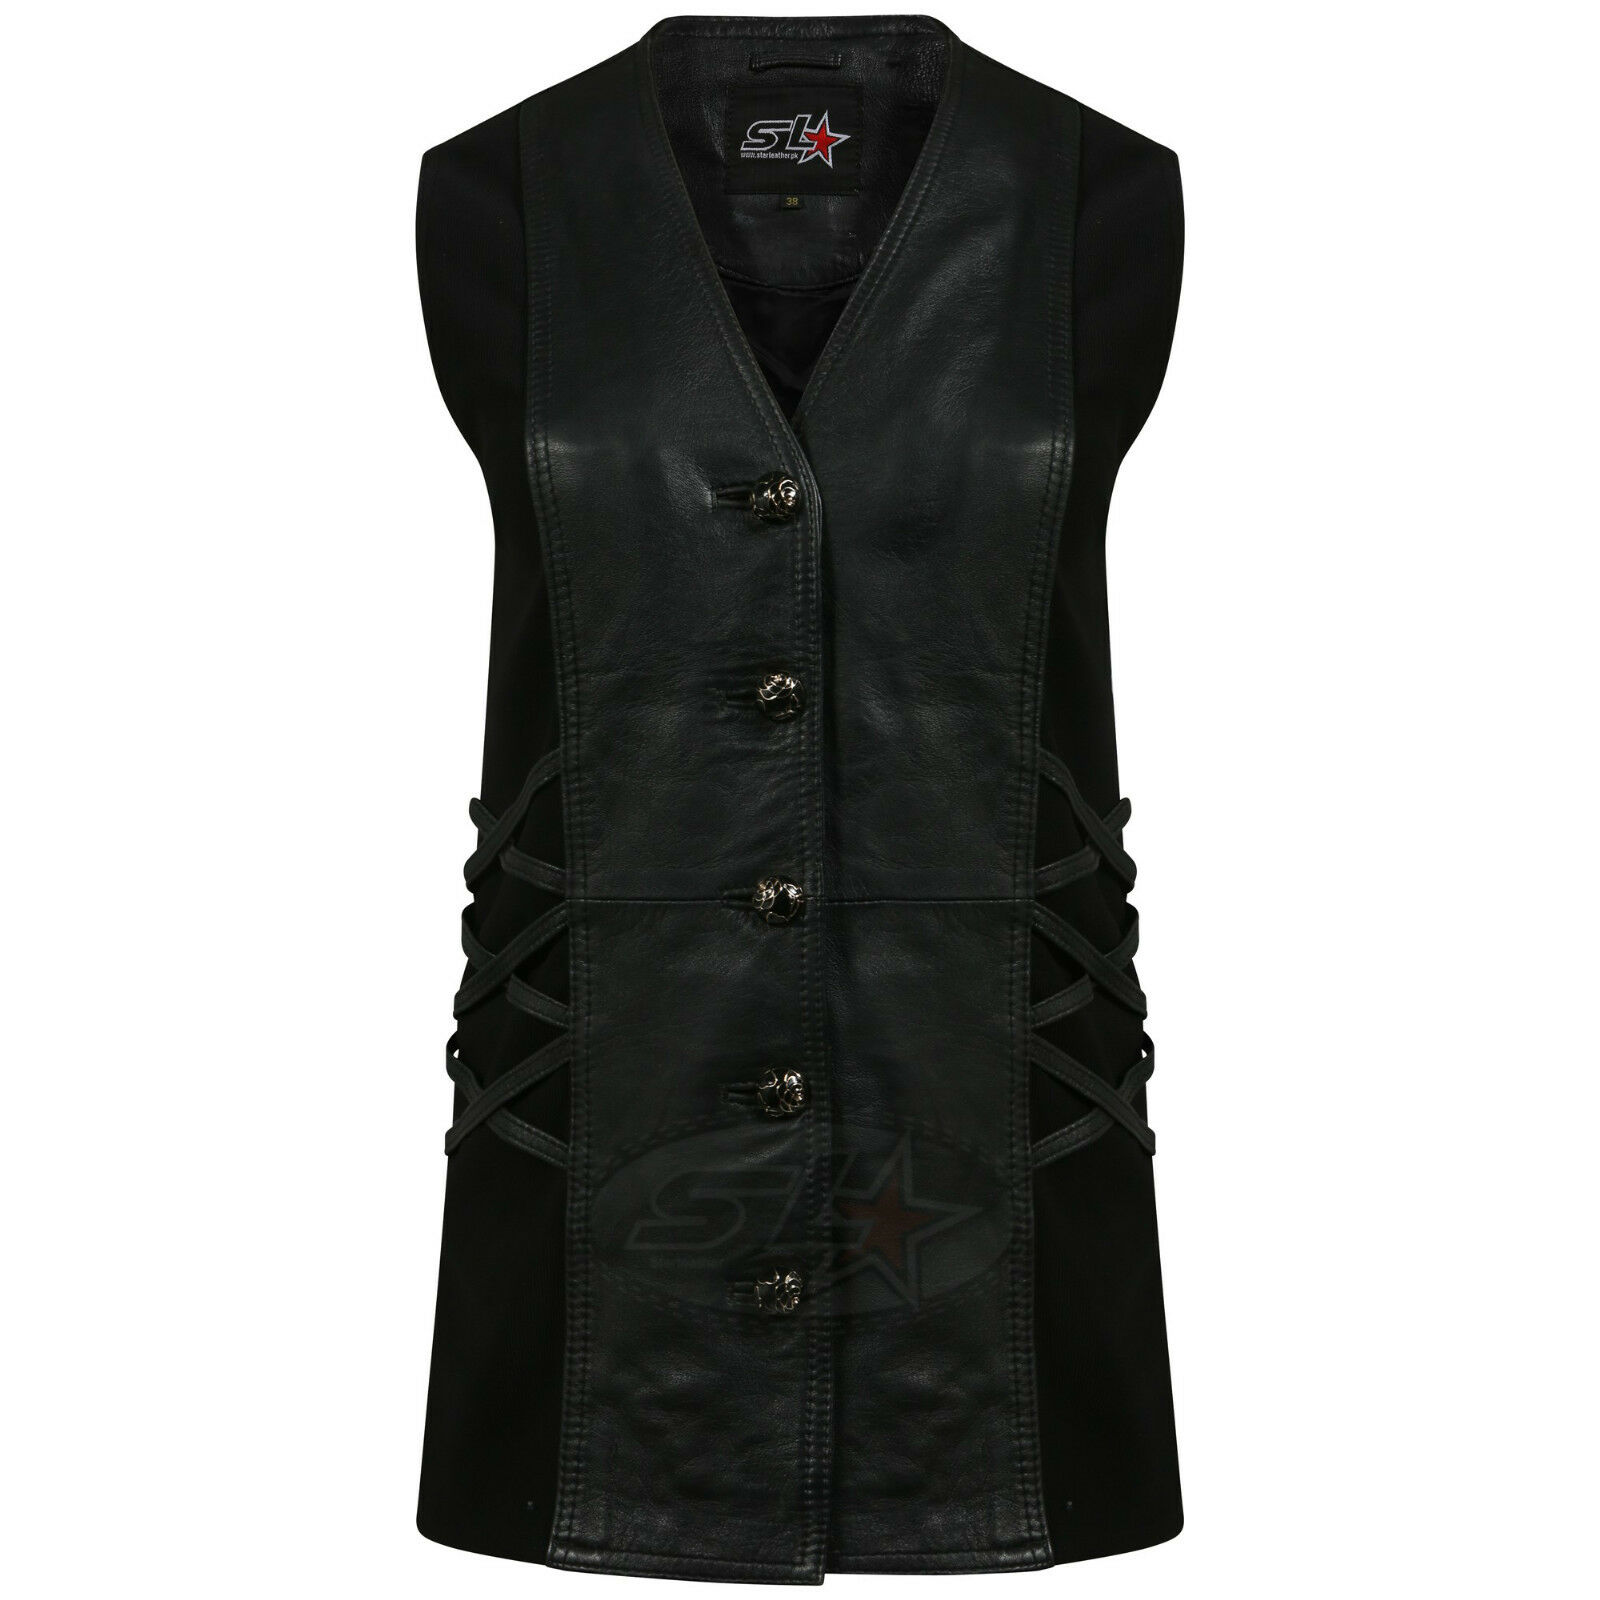 3XL Womens Ladies Cowhide Real Leather Plain Motorcycle Biker Waistcoat Vest in Black